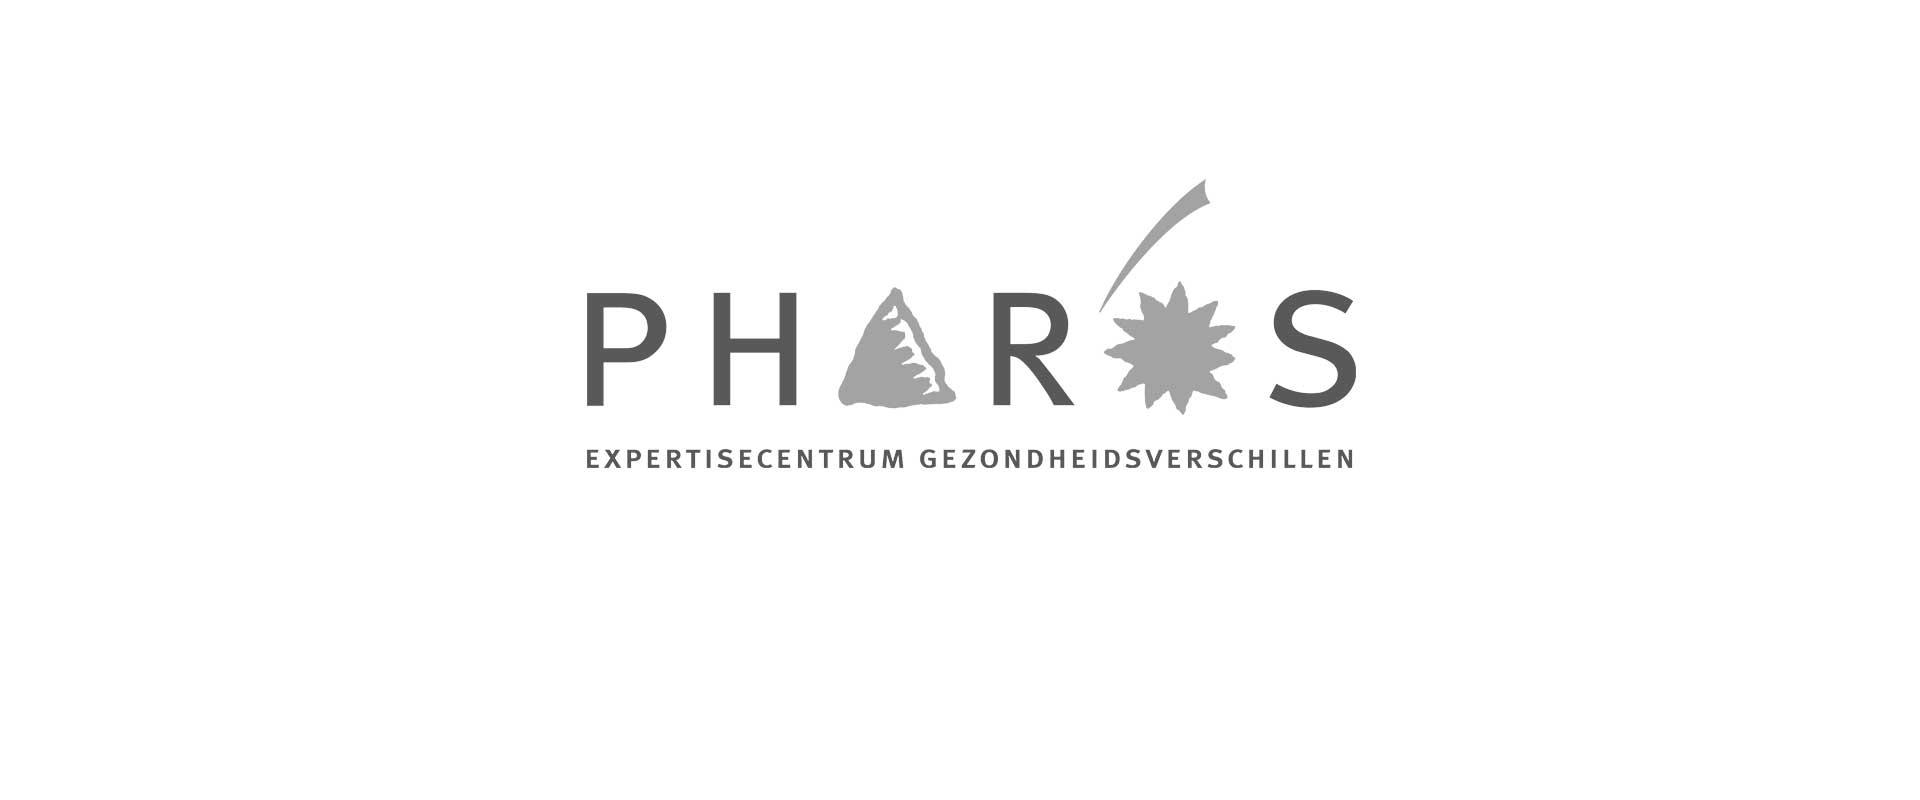 Pharos Expertise Centrum gezondheidsverschillen Social Media Groeien met Francis Vergroot je zichtbaarheid